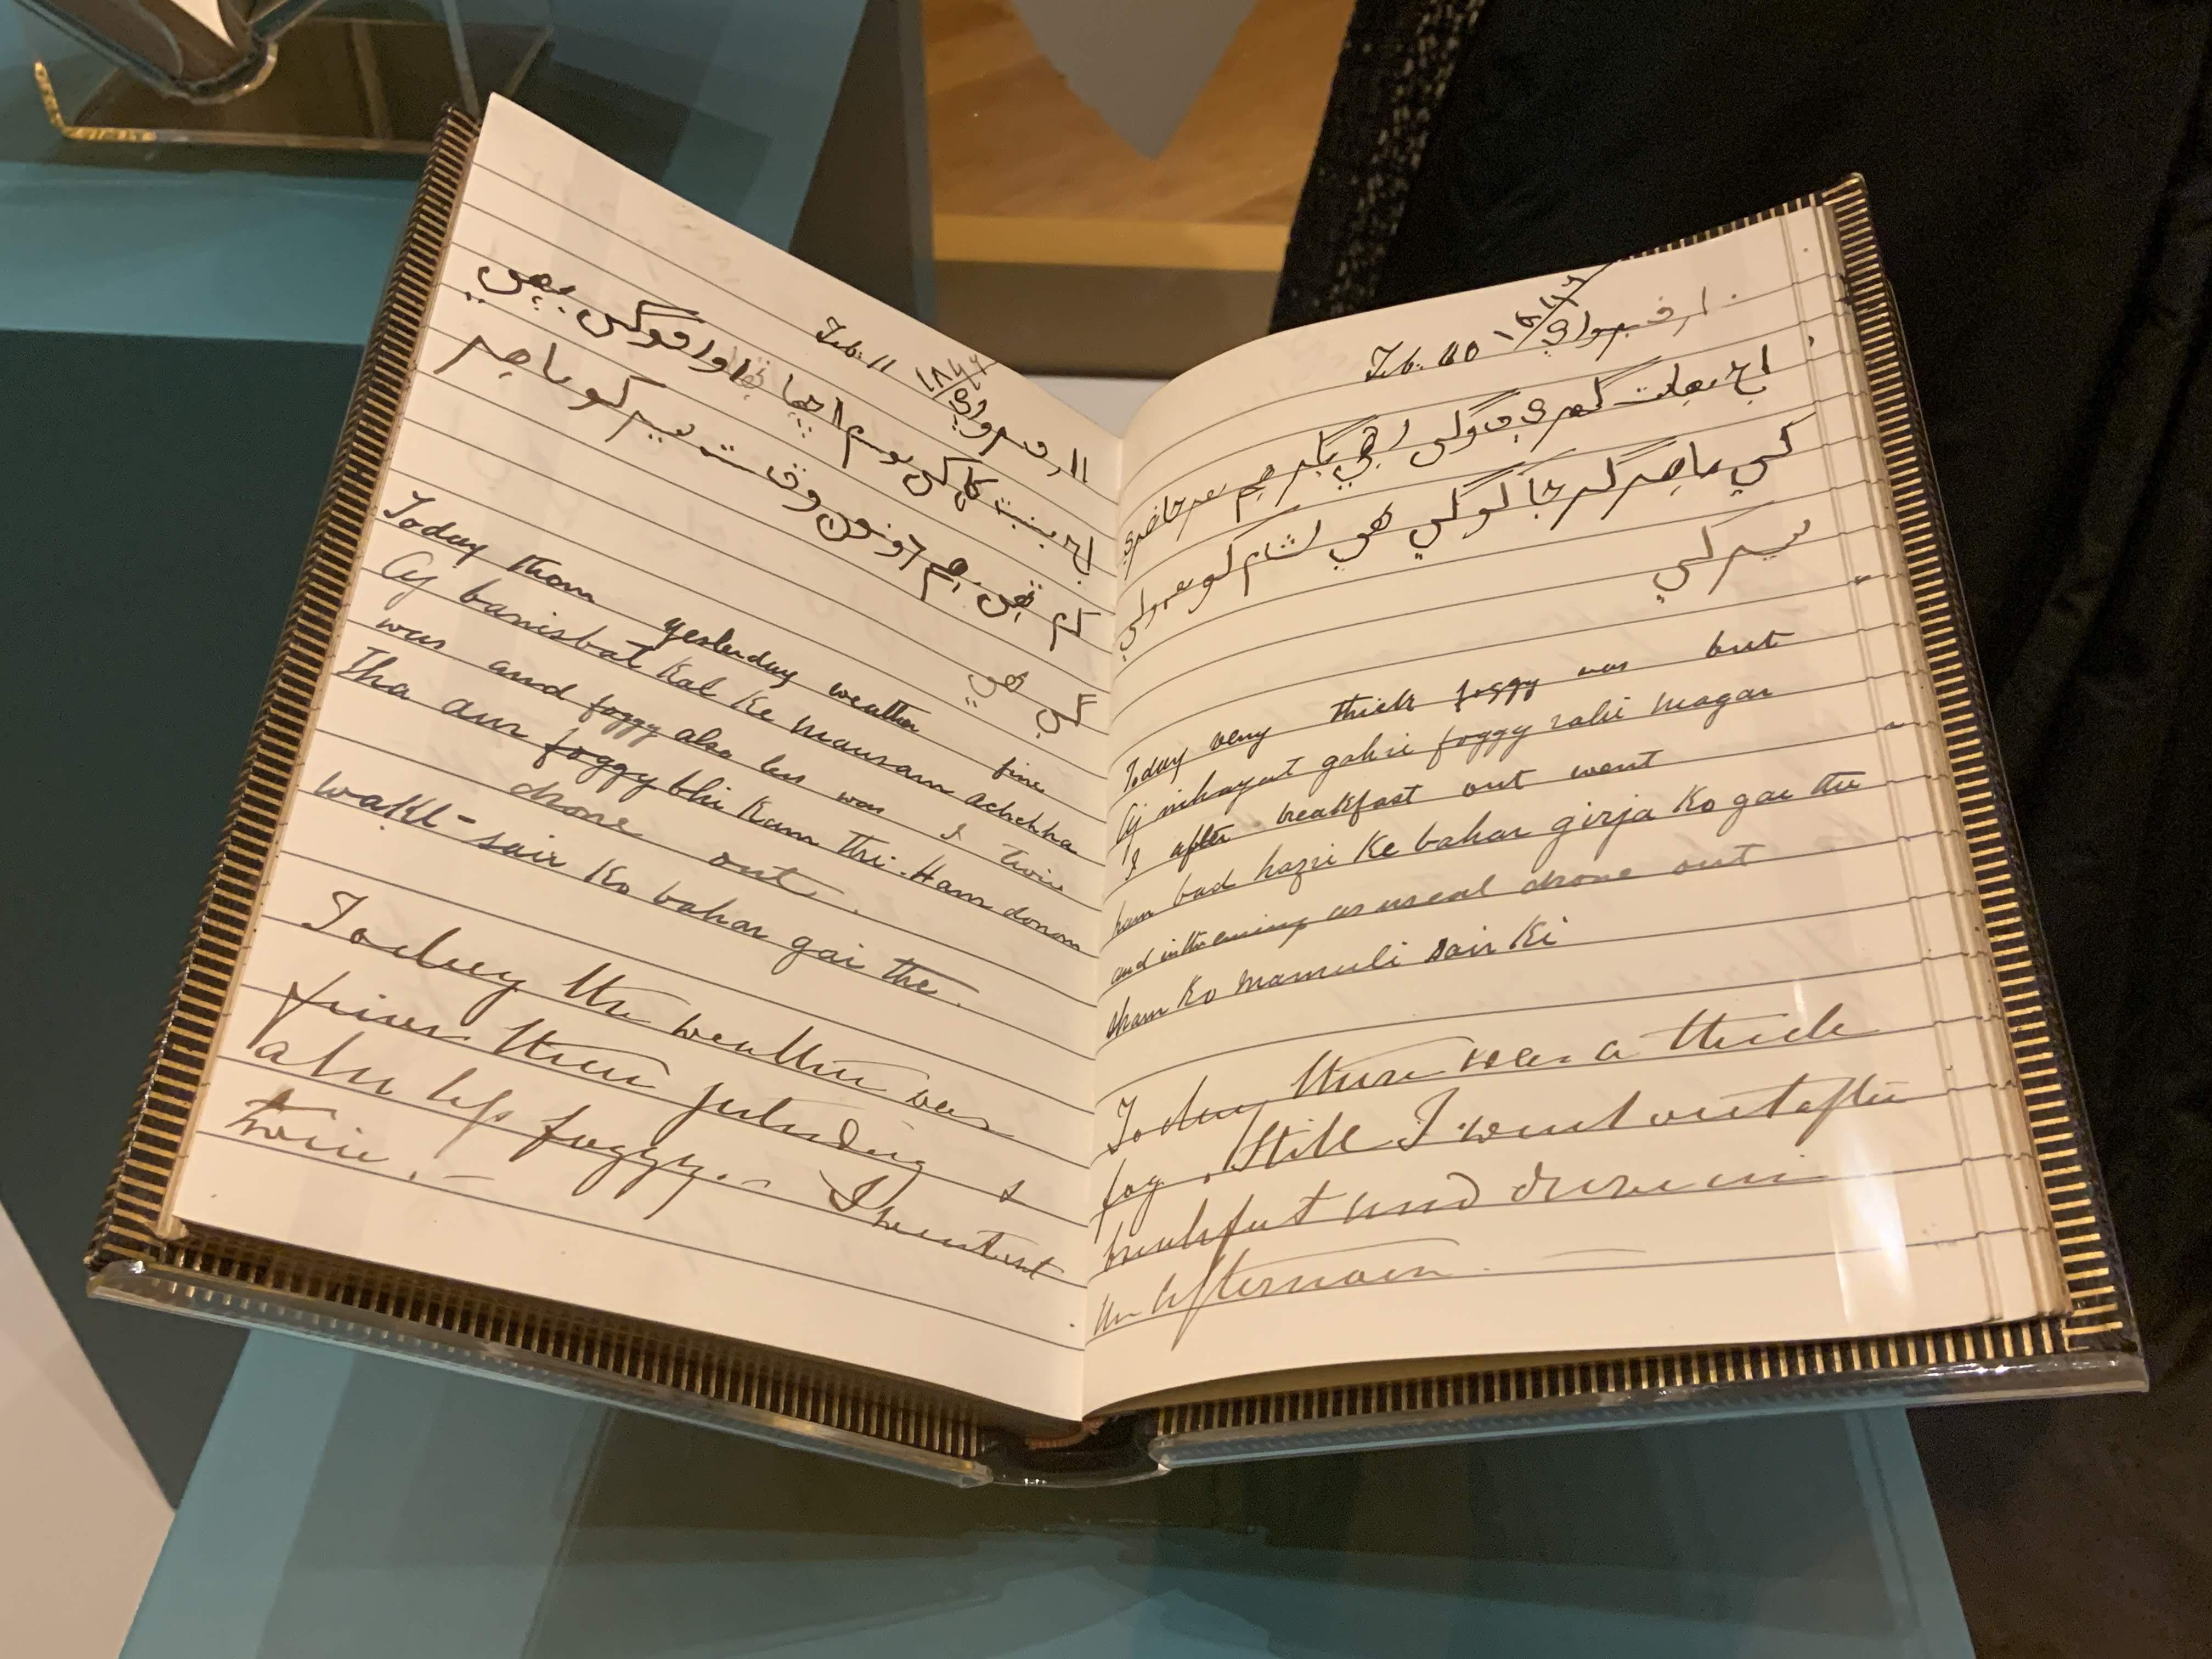 Queen Victoria's Hindustani (Urdu) diaries